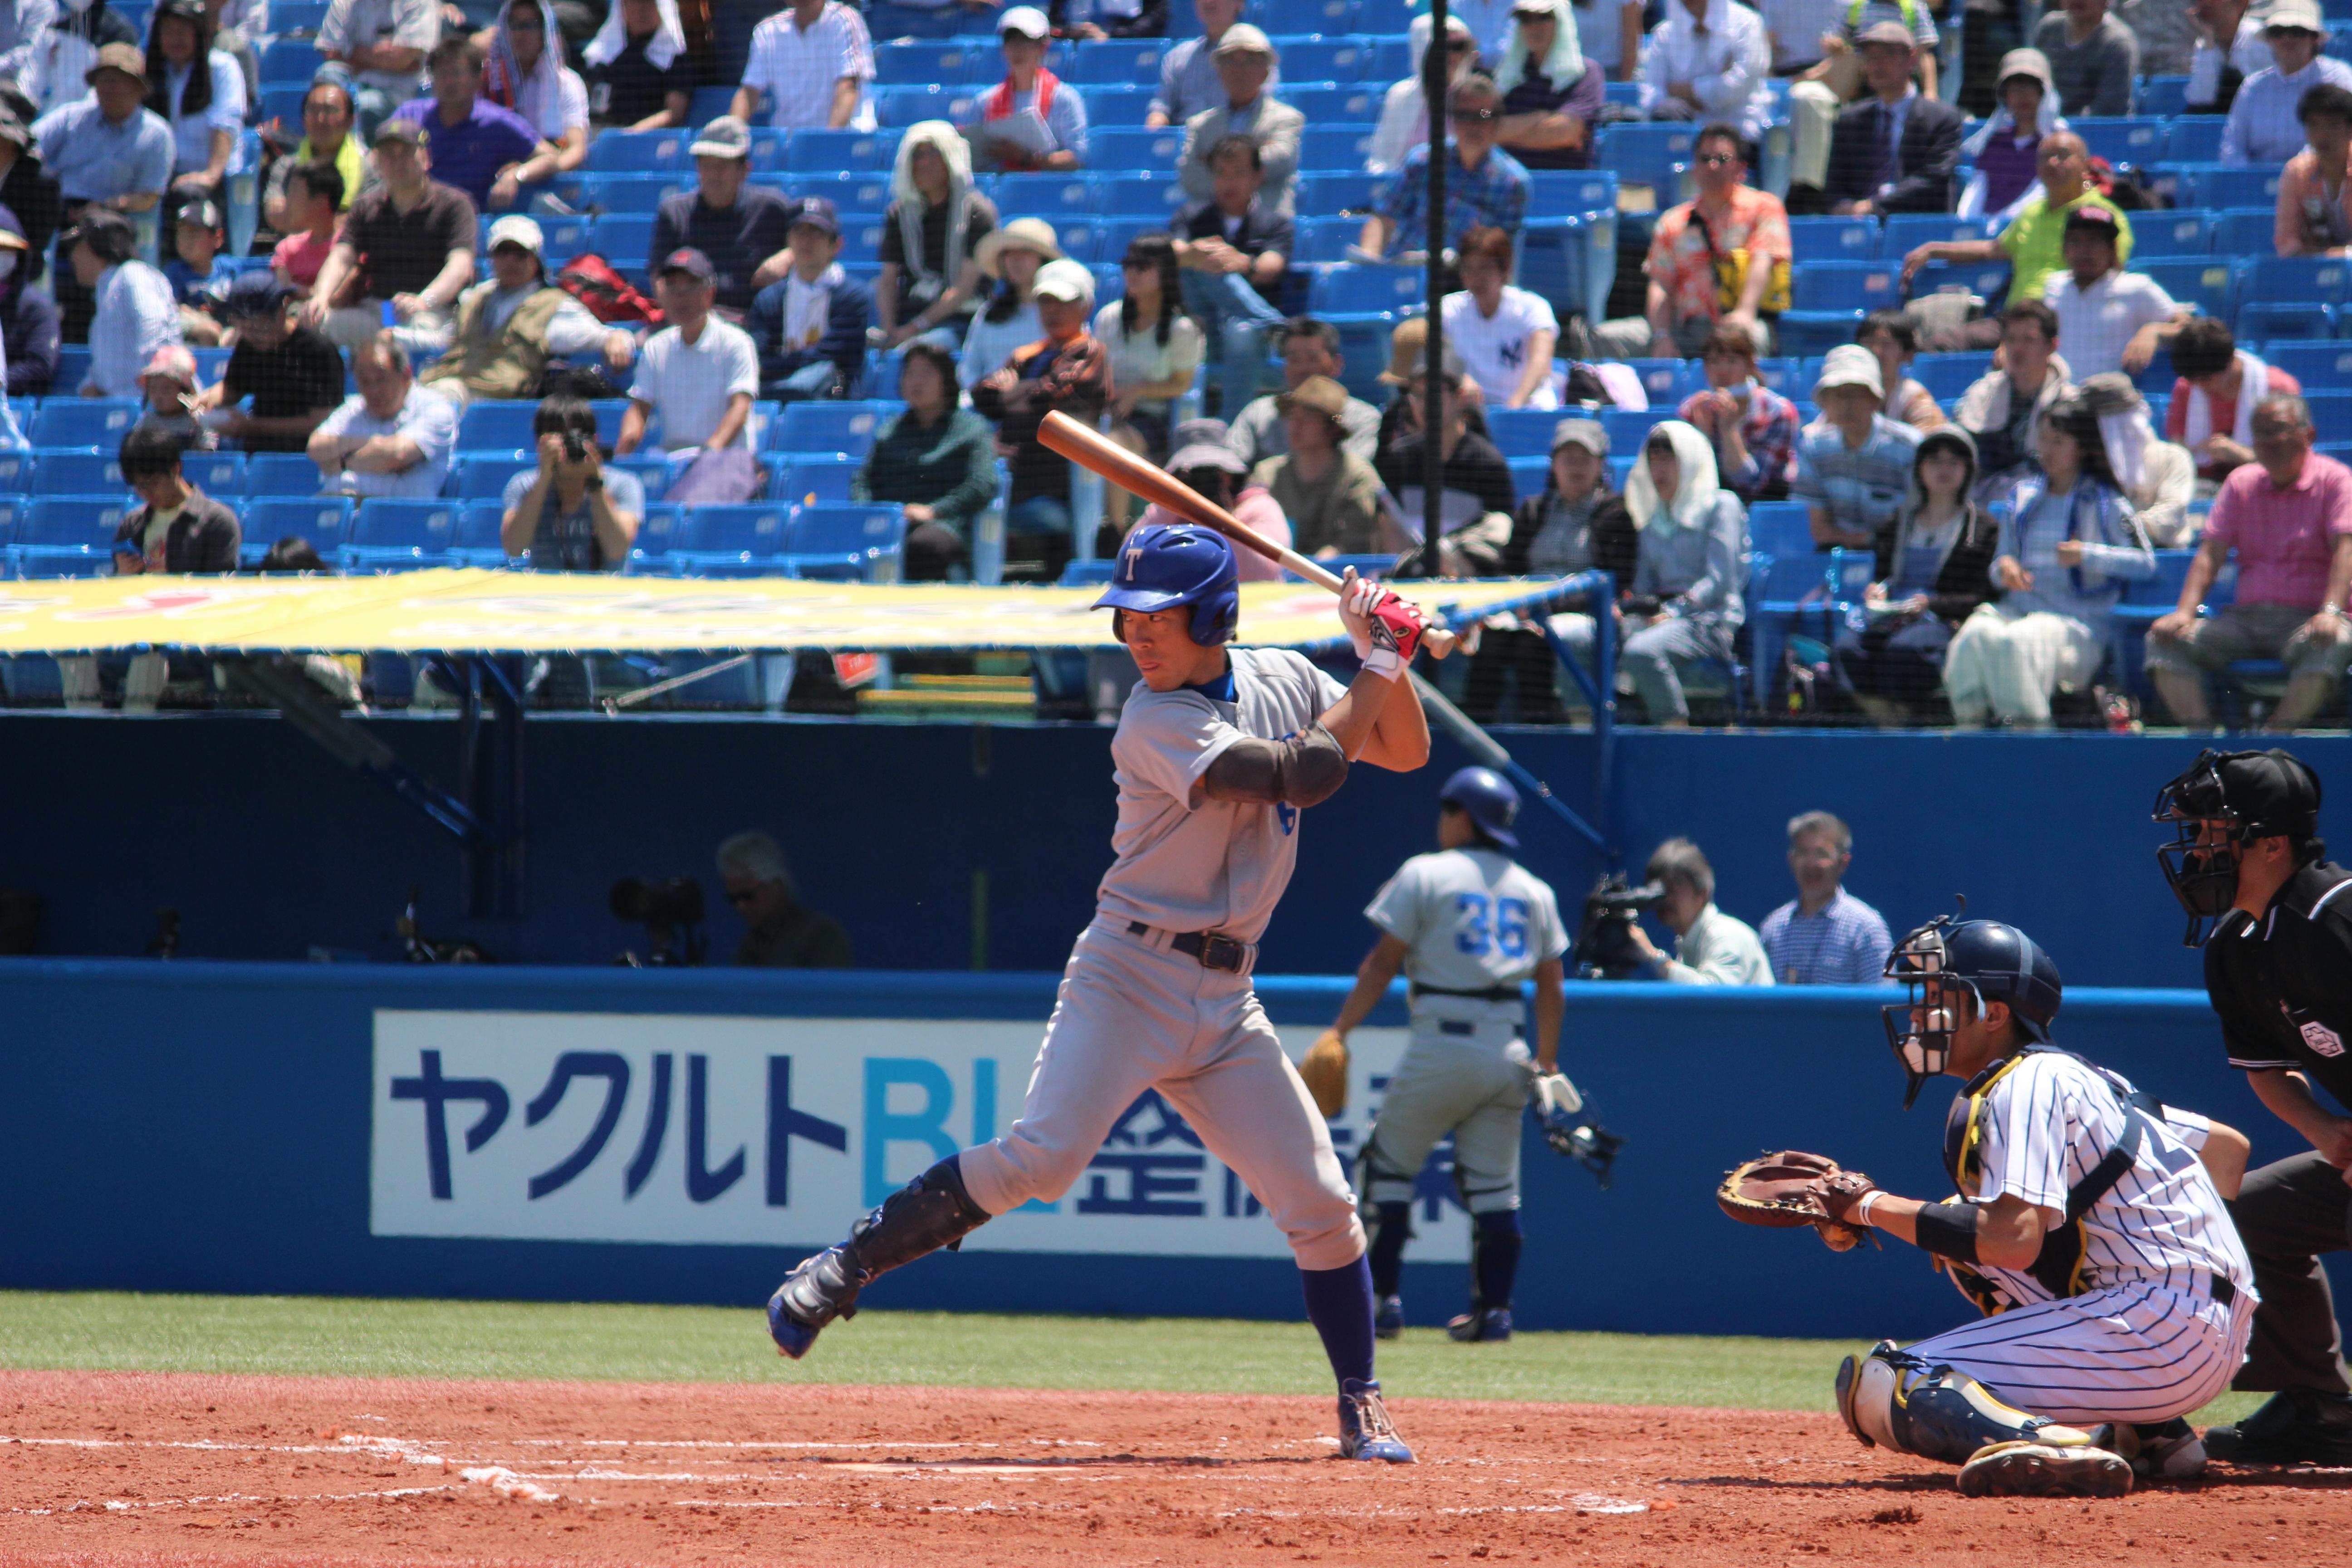 打線の核を担う山田選手